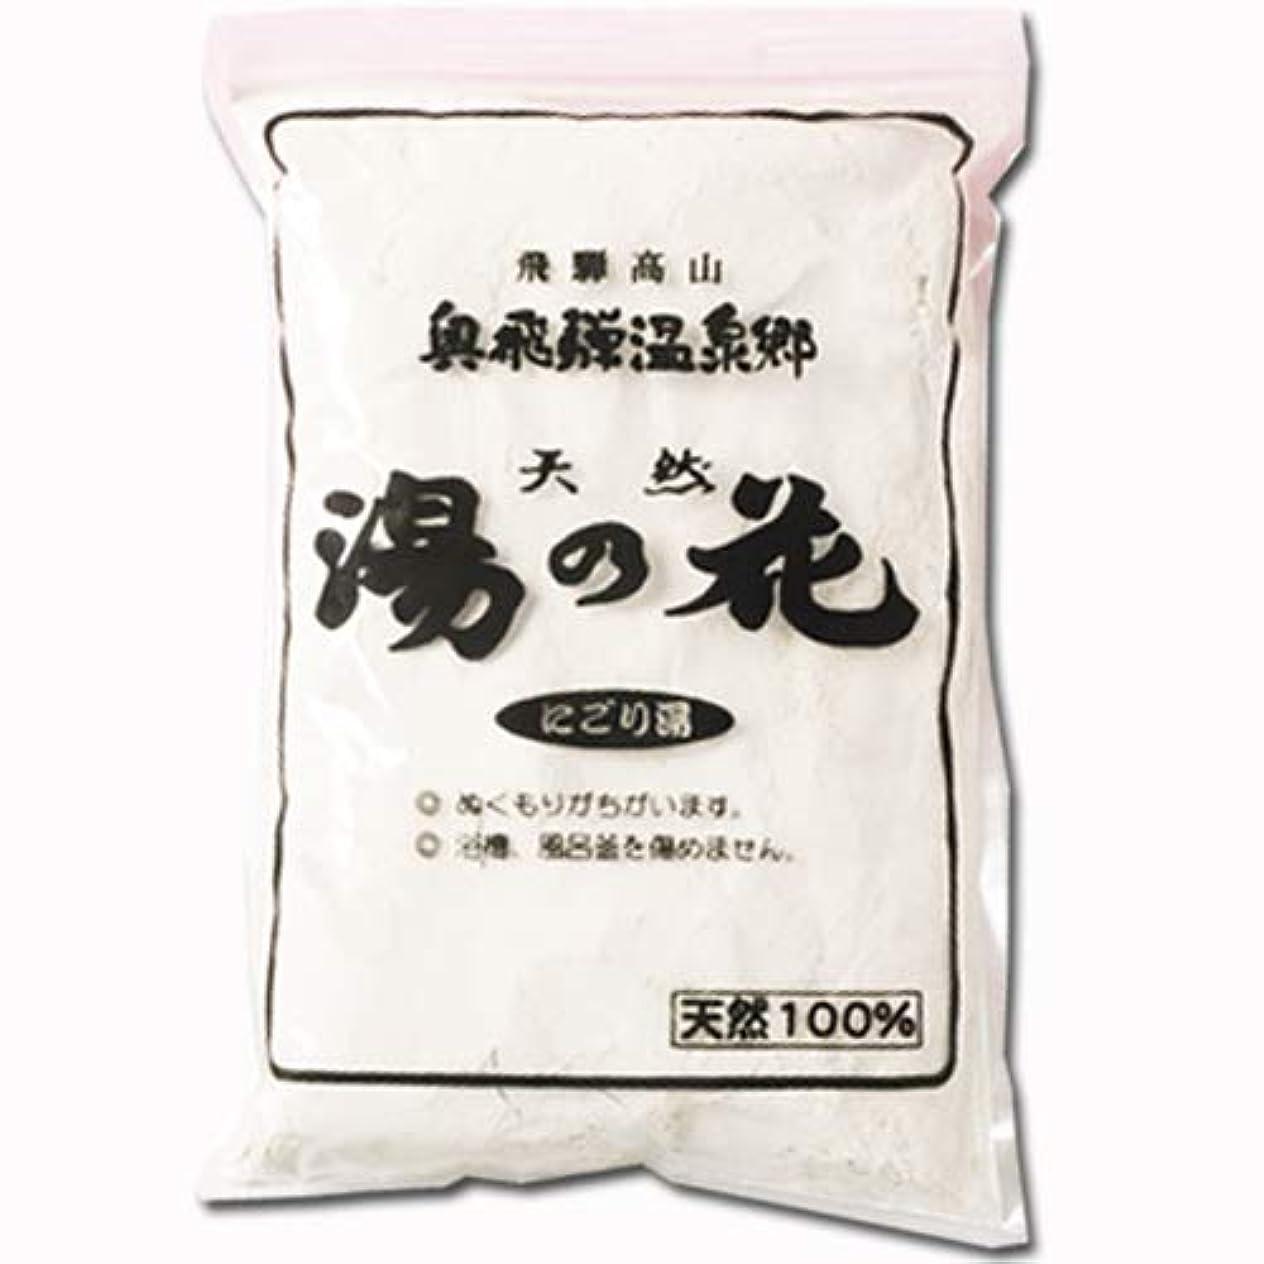 送信する九発症天然湯の花 (業務用) 1kg (飛騨高山温泉郷 にごり湯)